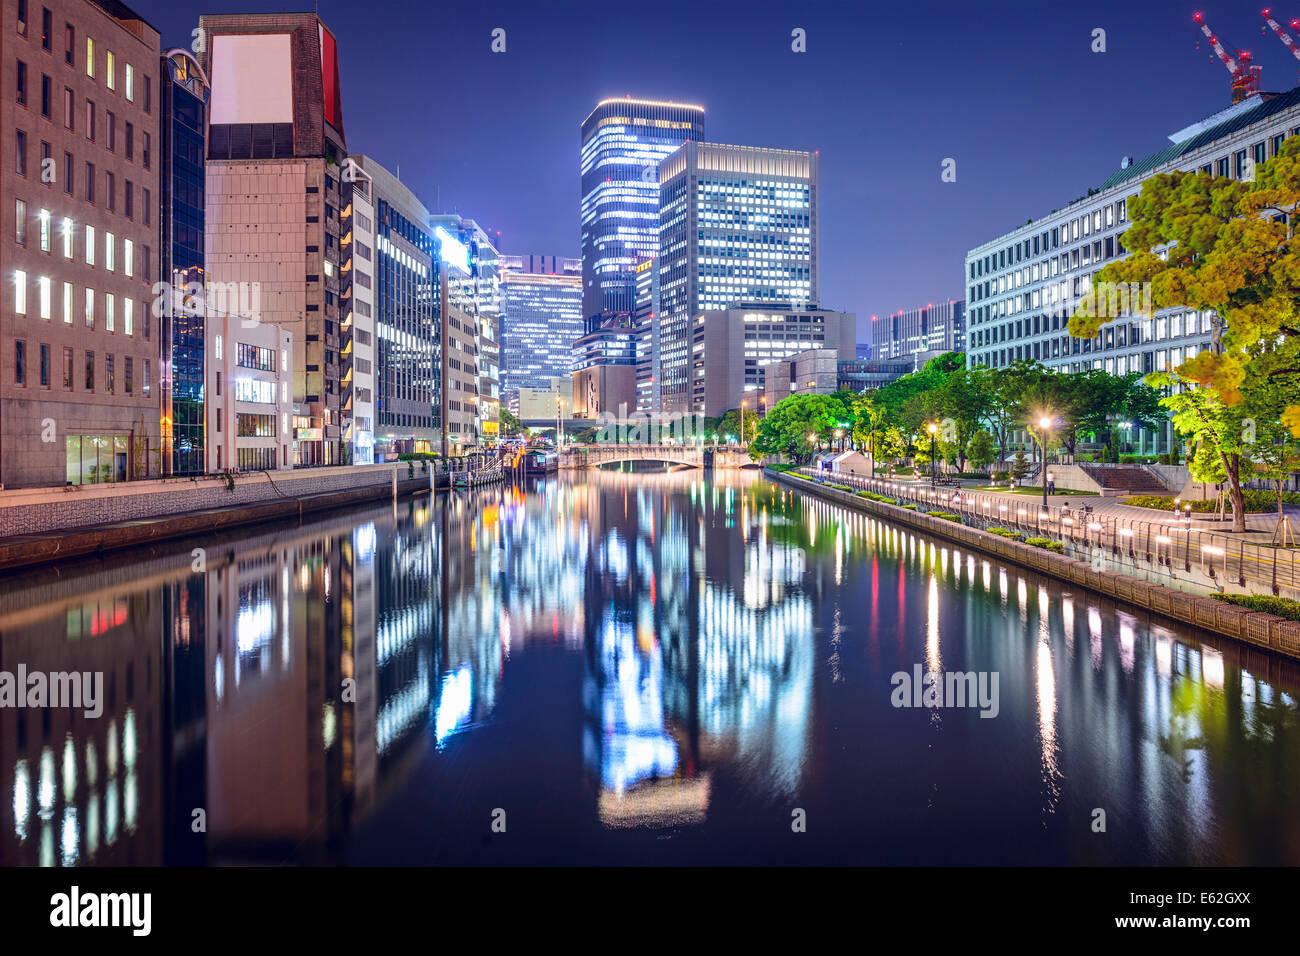 Osaka in Giappone presso il quartiere Nakanoshima. Immagini Stock